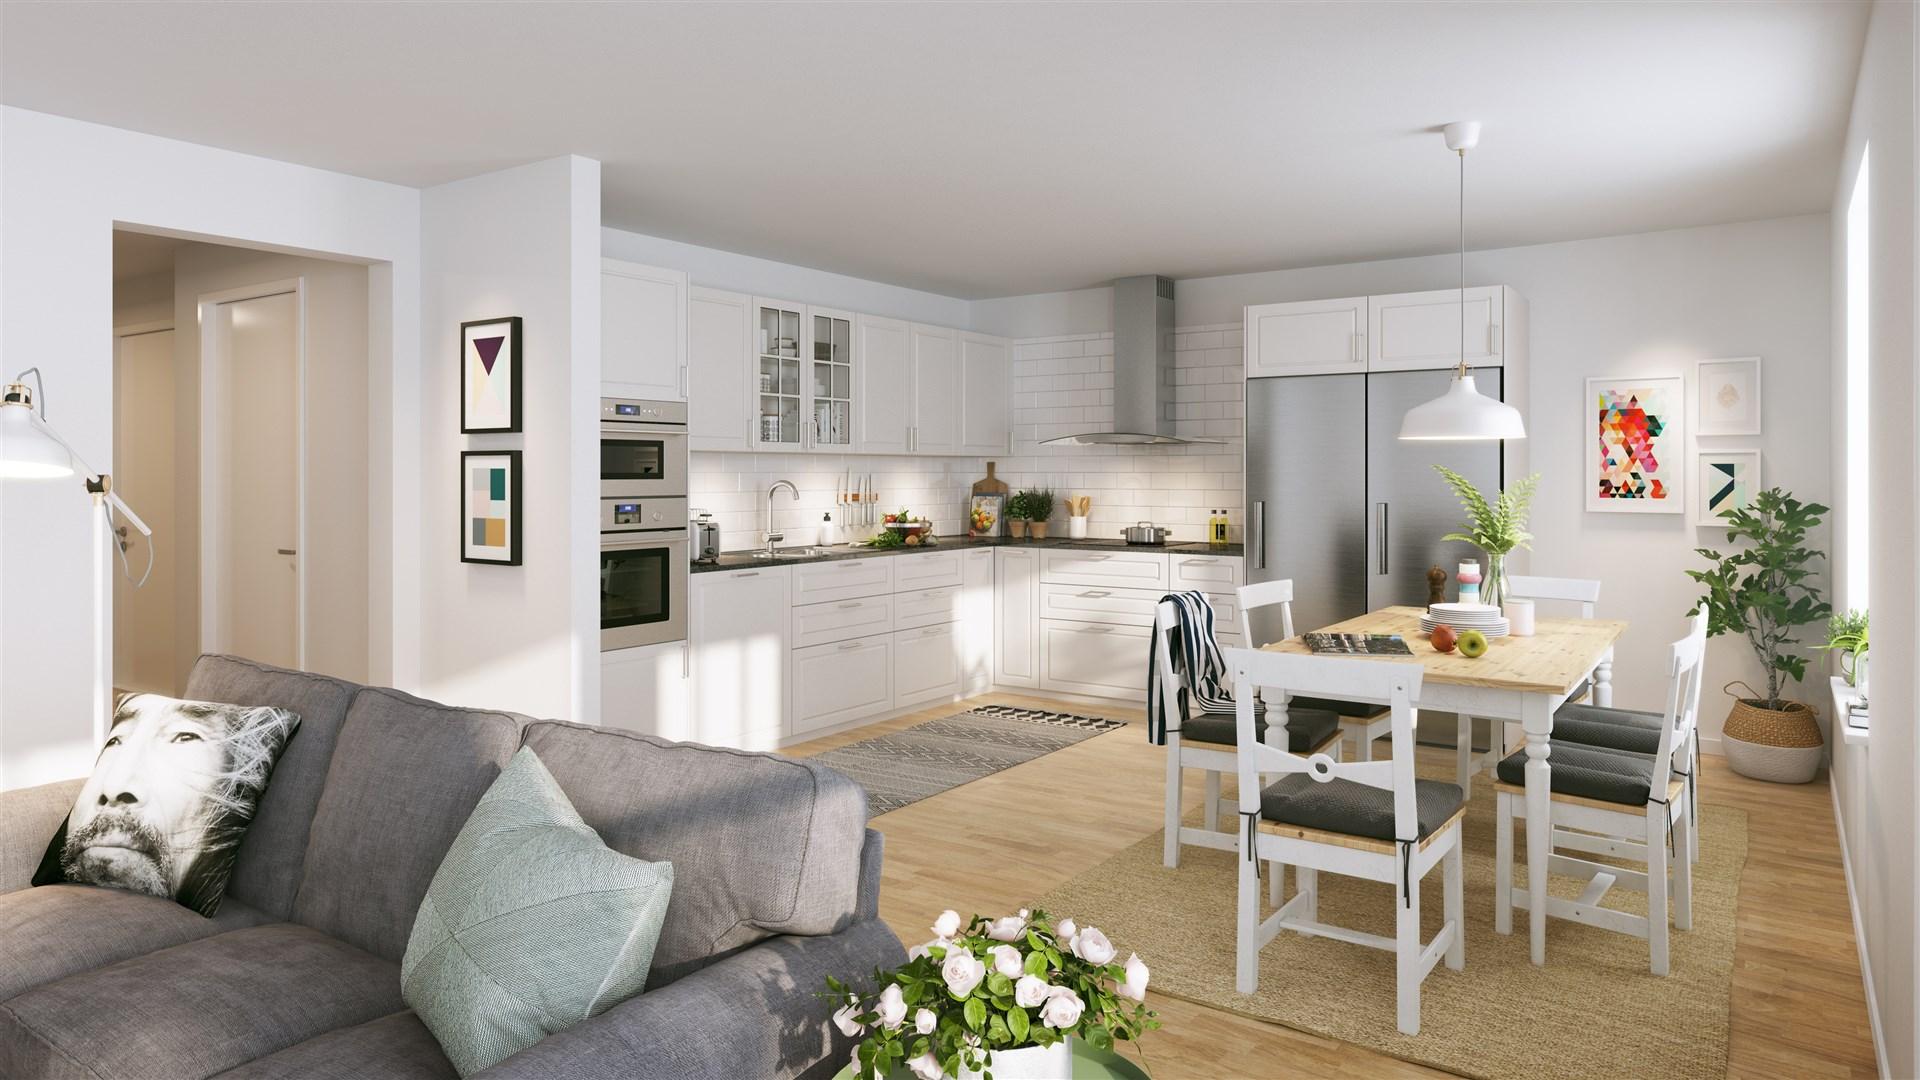 Illustrationsbild över kök och vardagsrum